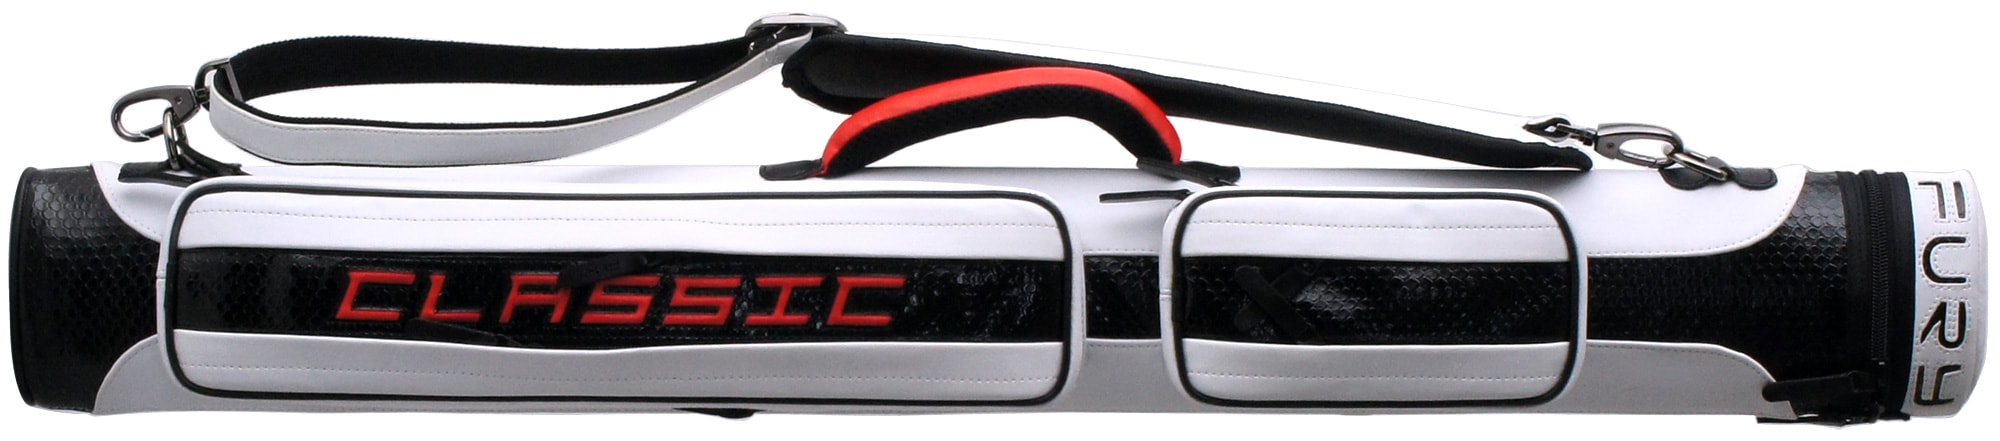 fury ケース fj-01c-2 (バット2本シャフト3本収納) 商品画像